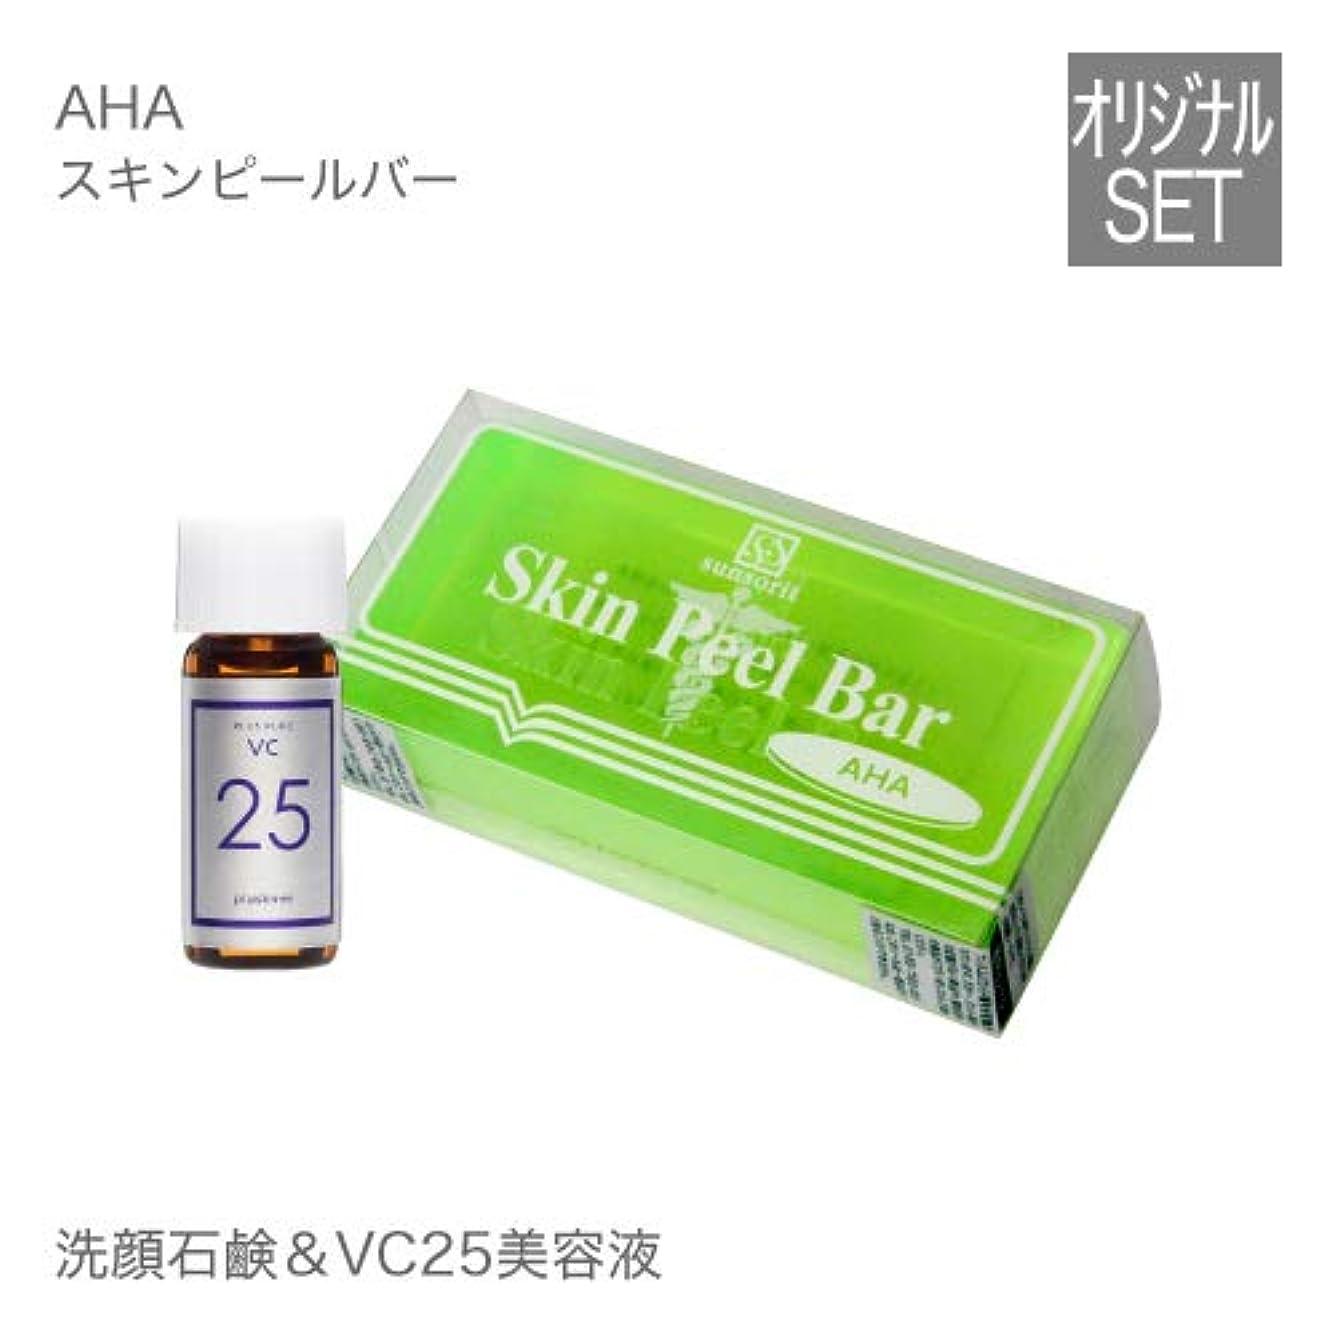 拮抗すべきめ言葉サンソリット スキンピールバー AHA + ピュア ビタミンC 美容液 プラスキレイ プラスピュアVC25 ミニ